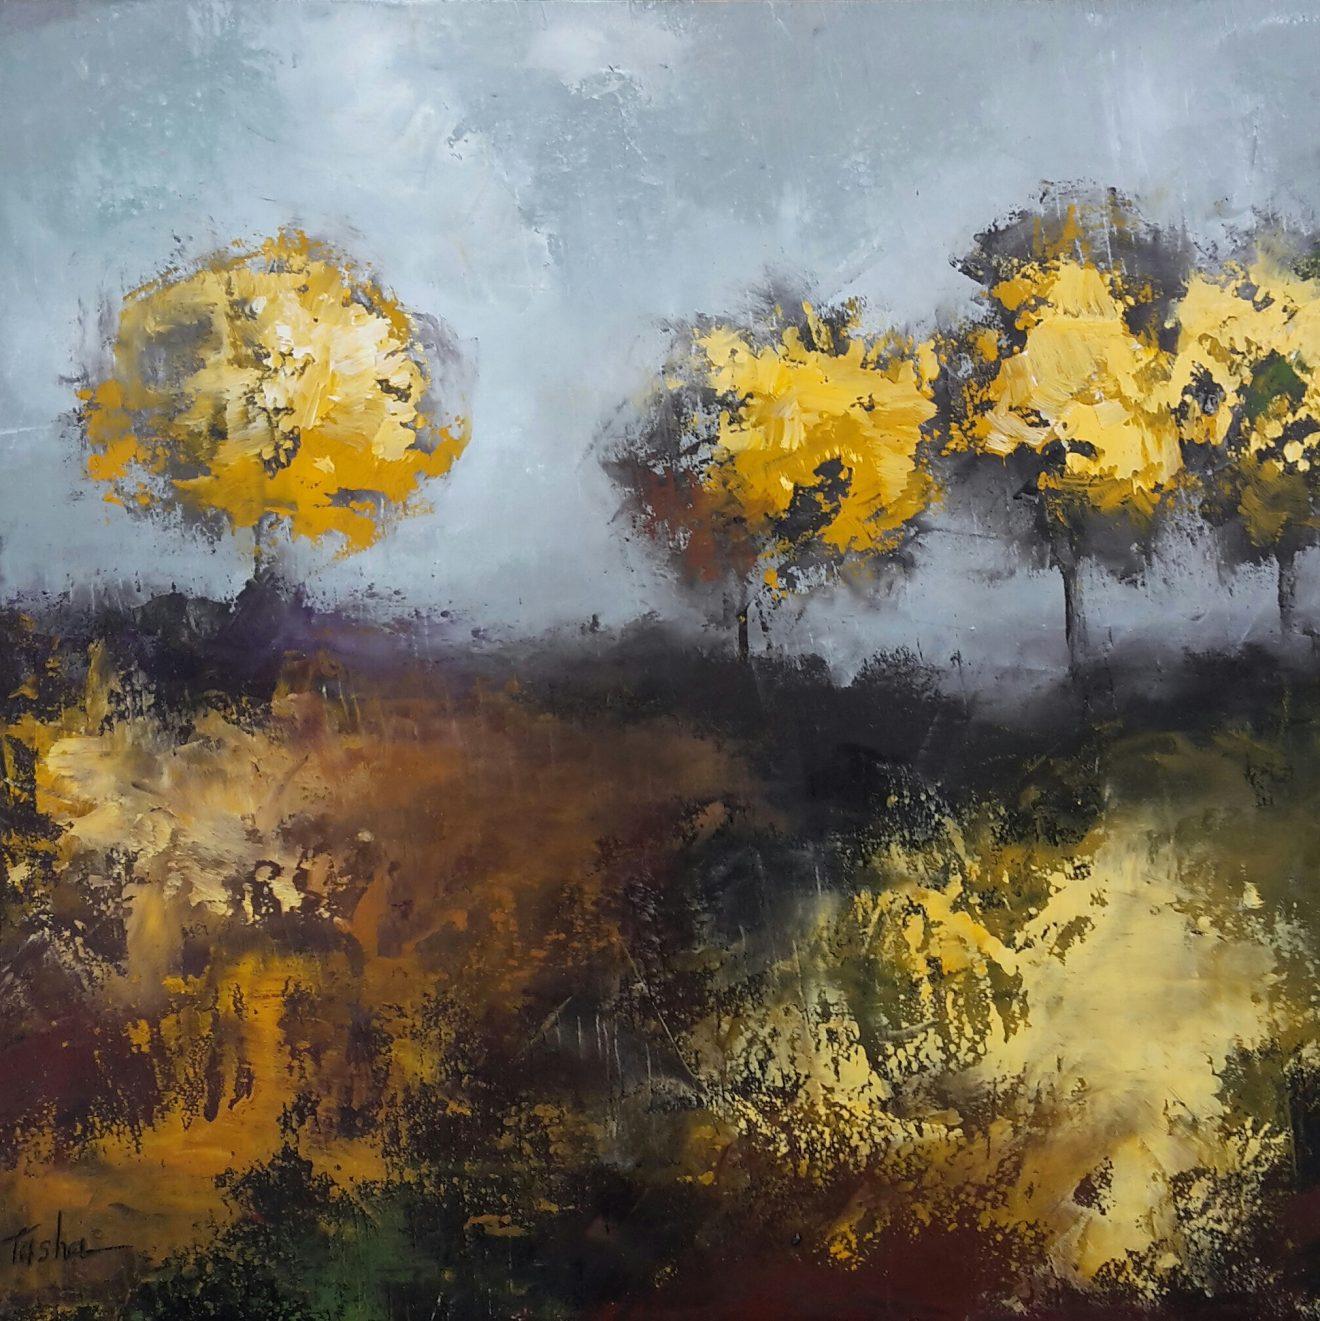 Nueva exposición de pintura de Tasha Poletaeva